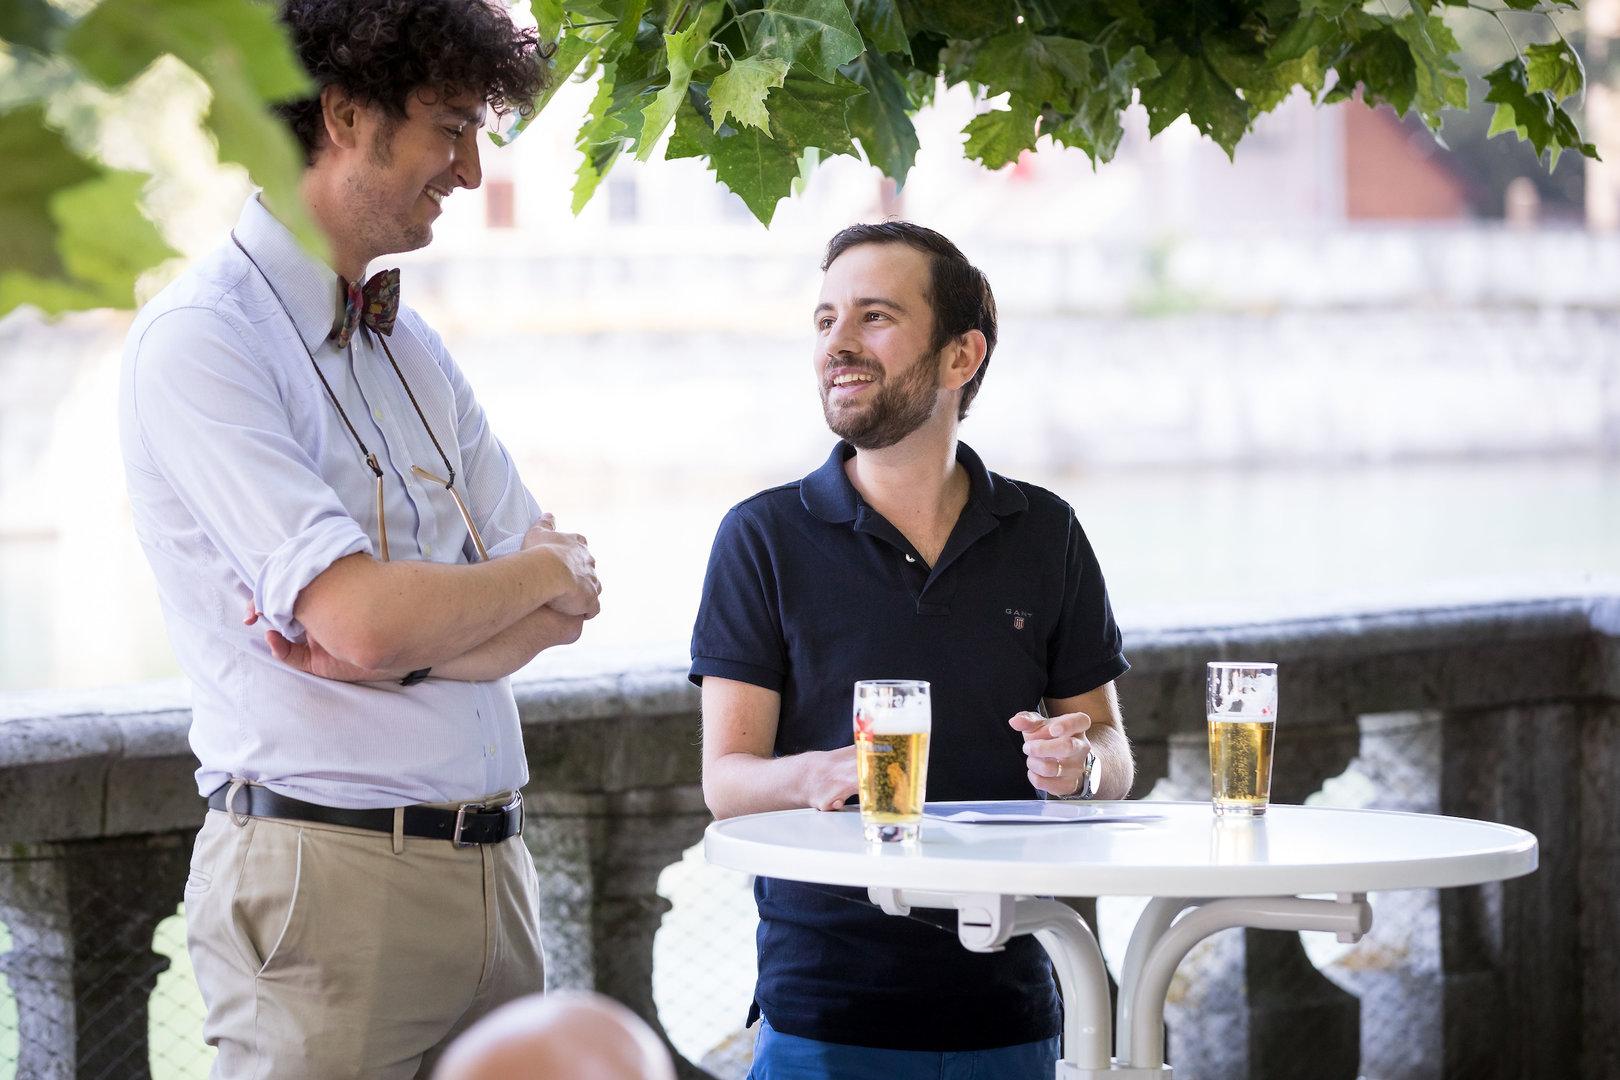 Nicola Forster, Gründer und Präsident Think Tank foraus und Co-Präsident GLP Kanton Zürich im Gespräch mit Dominik Lüdi (Radio 32).